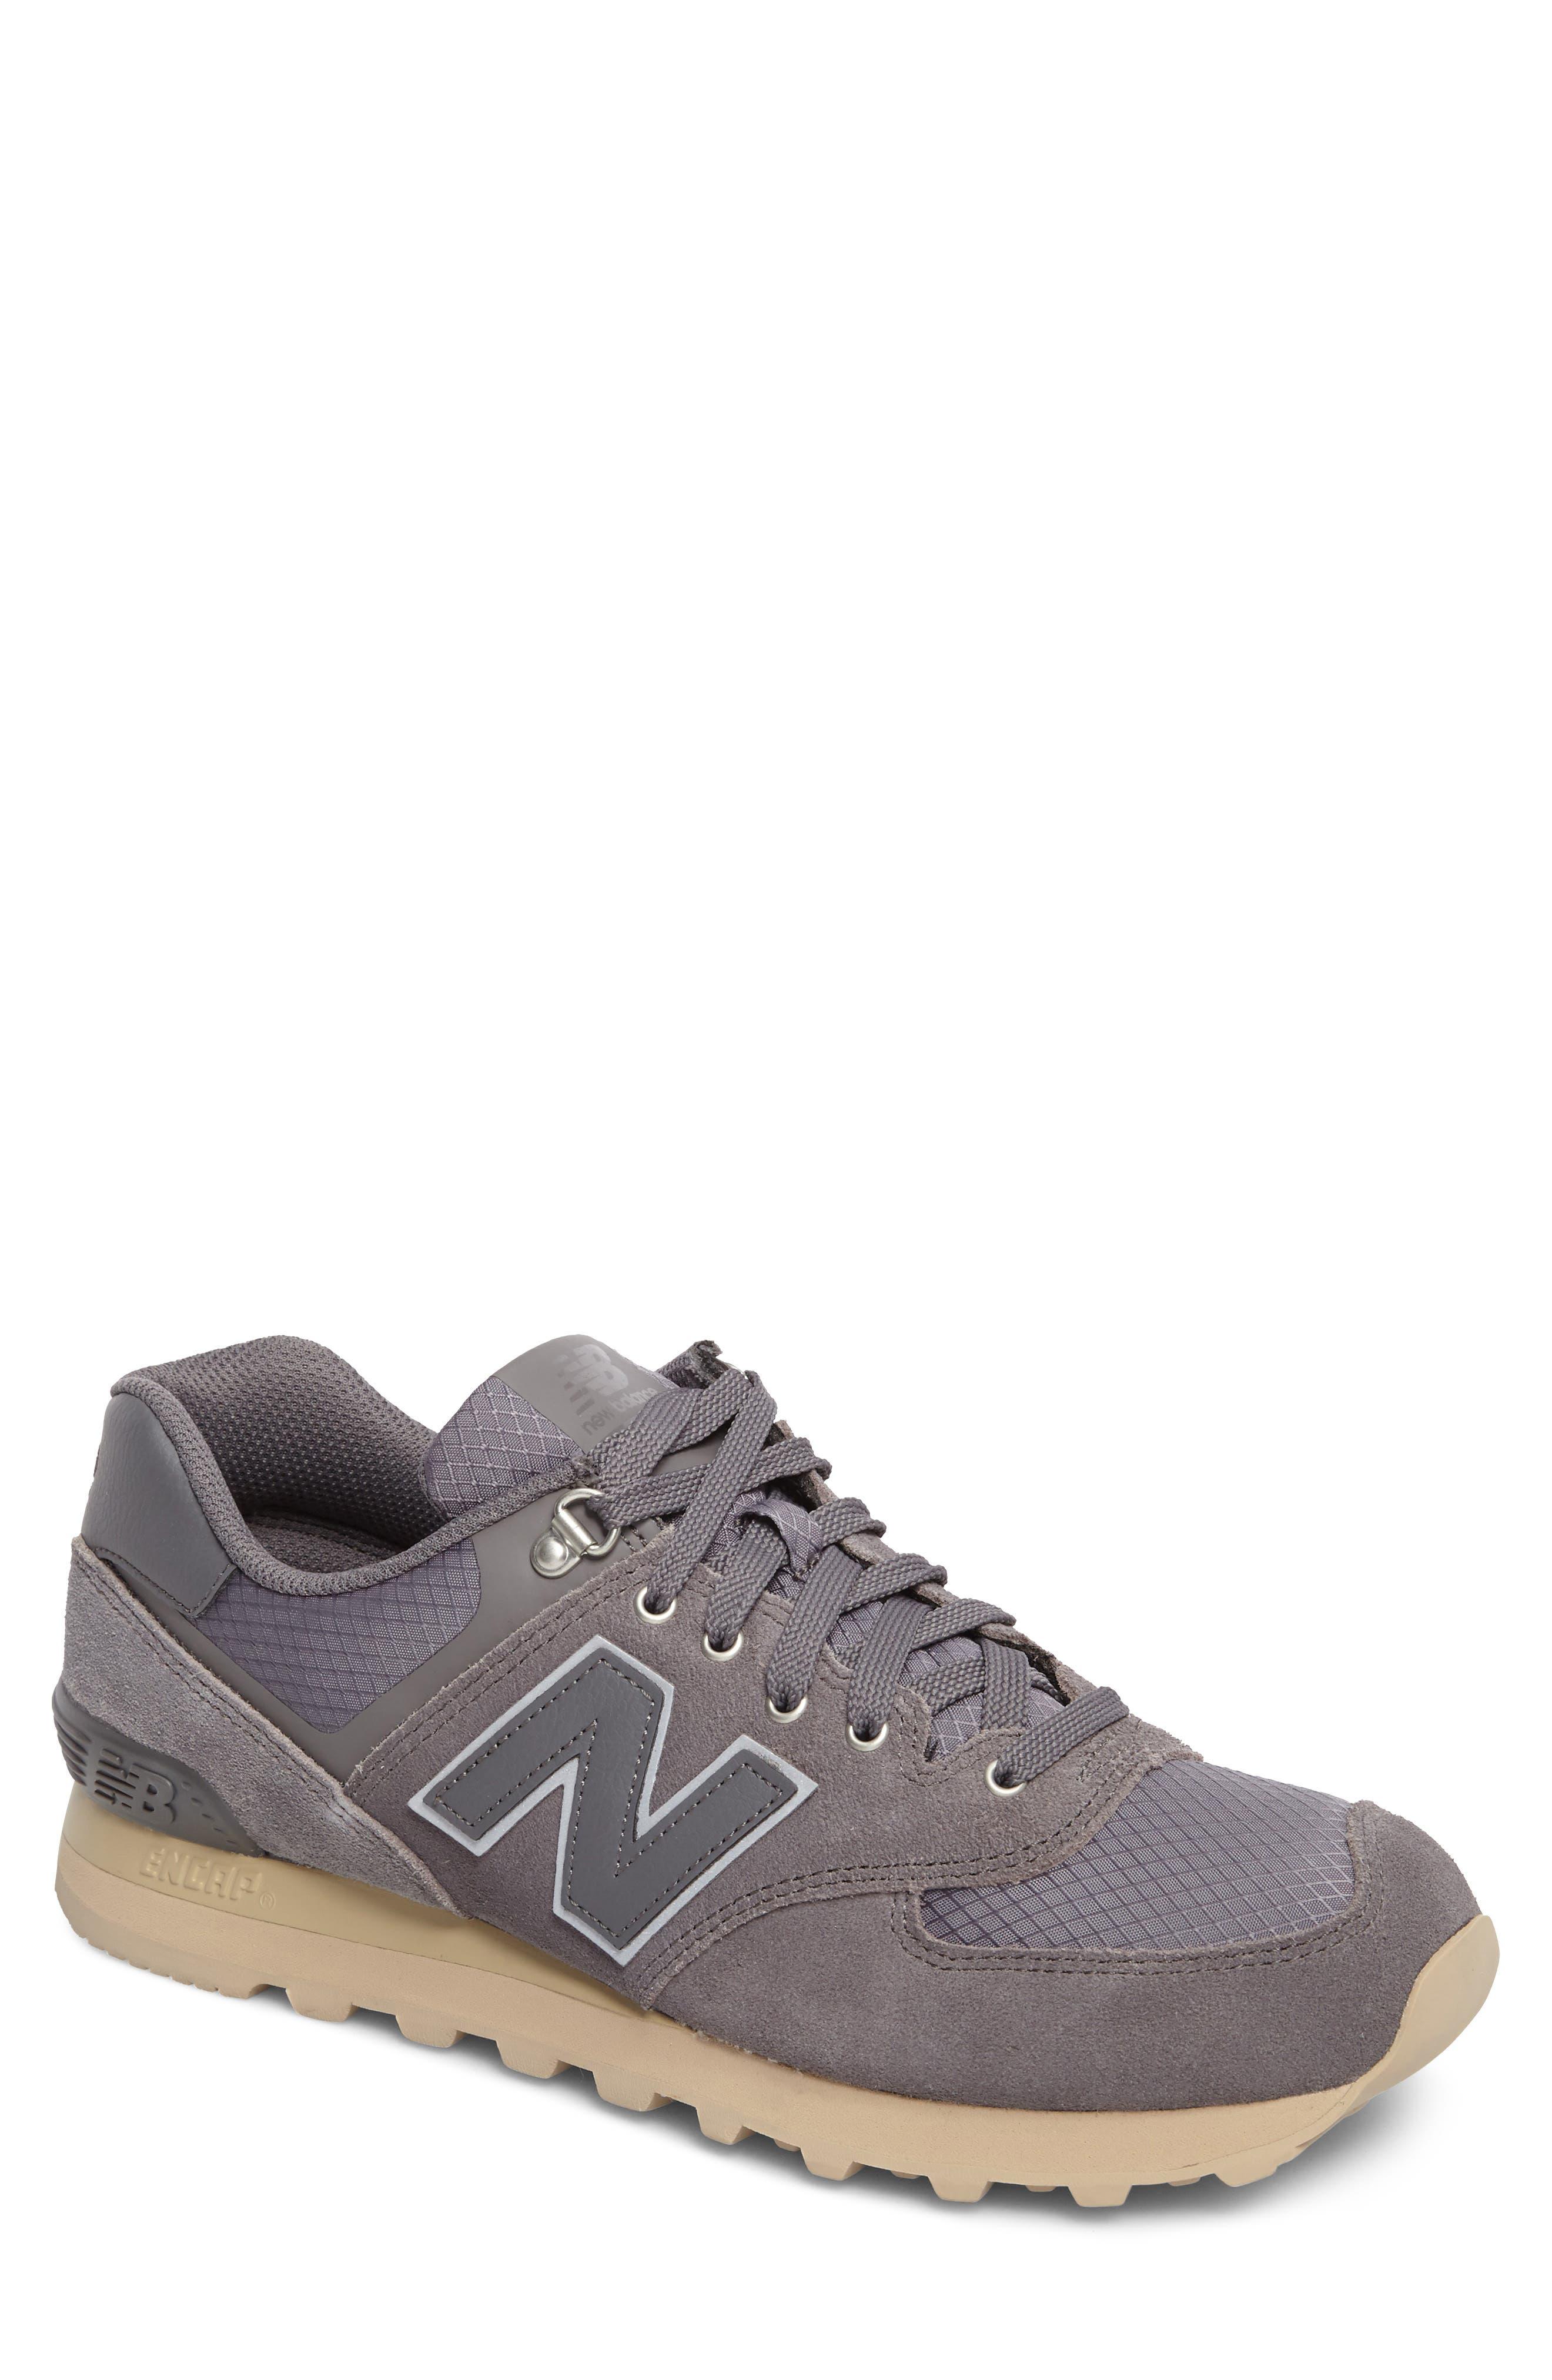 New Balance 574 Outdoor Activist Sneaker (Men)